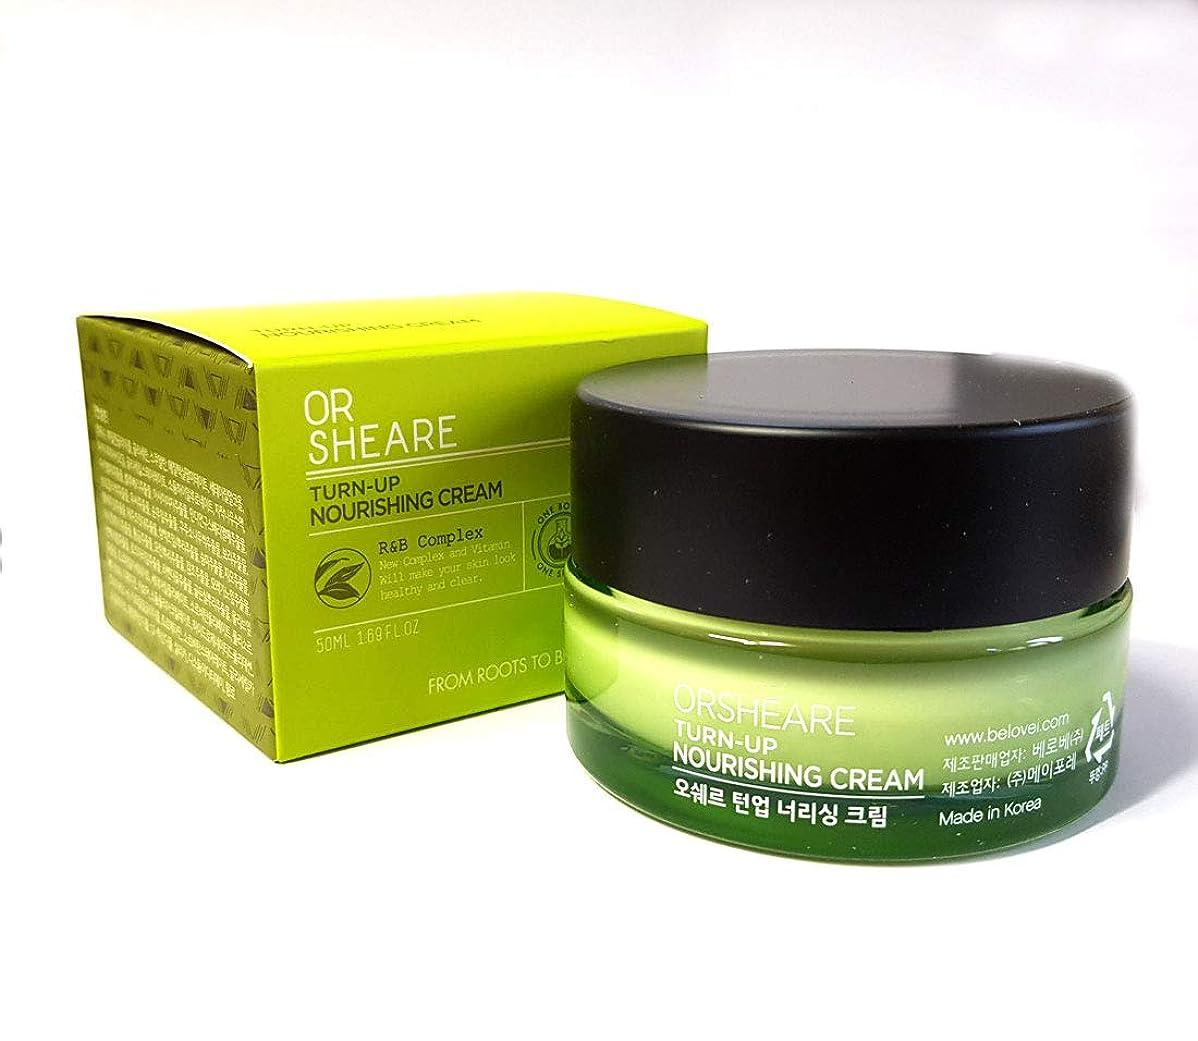 退屈なスリンク教育者[OR SHEARE] トンオプ栄養クリーム50ml / Turn-up Nourishing Cream 50ml / 保湿、再生/Moisturizing,Revitalizing/韓国化粧品/Korean Cosmetics [並行輸入品]